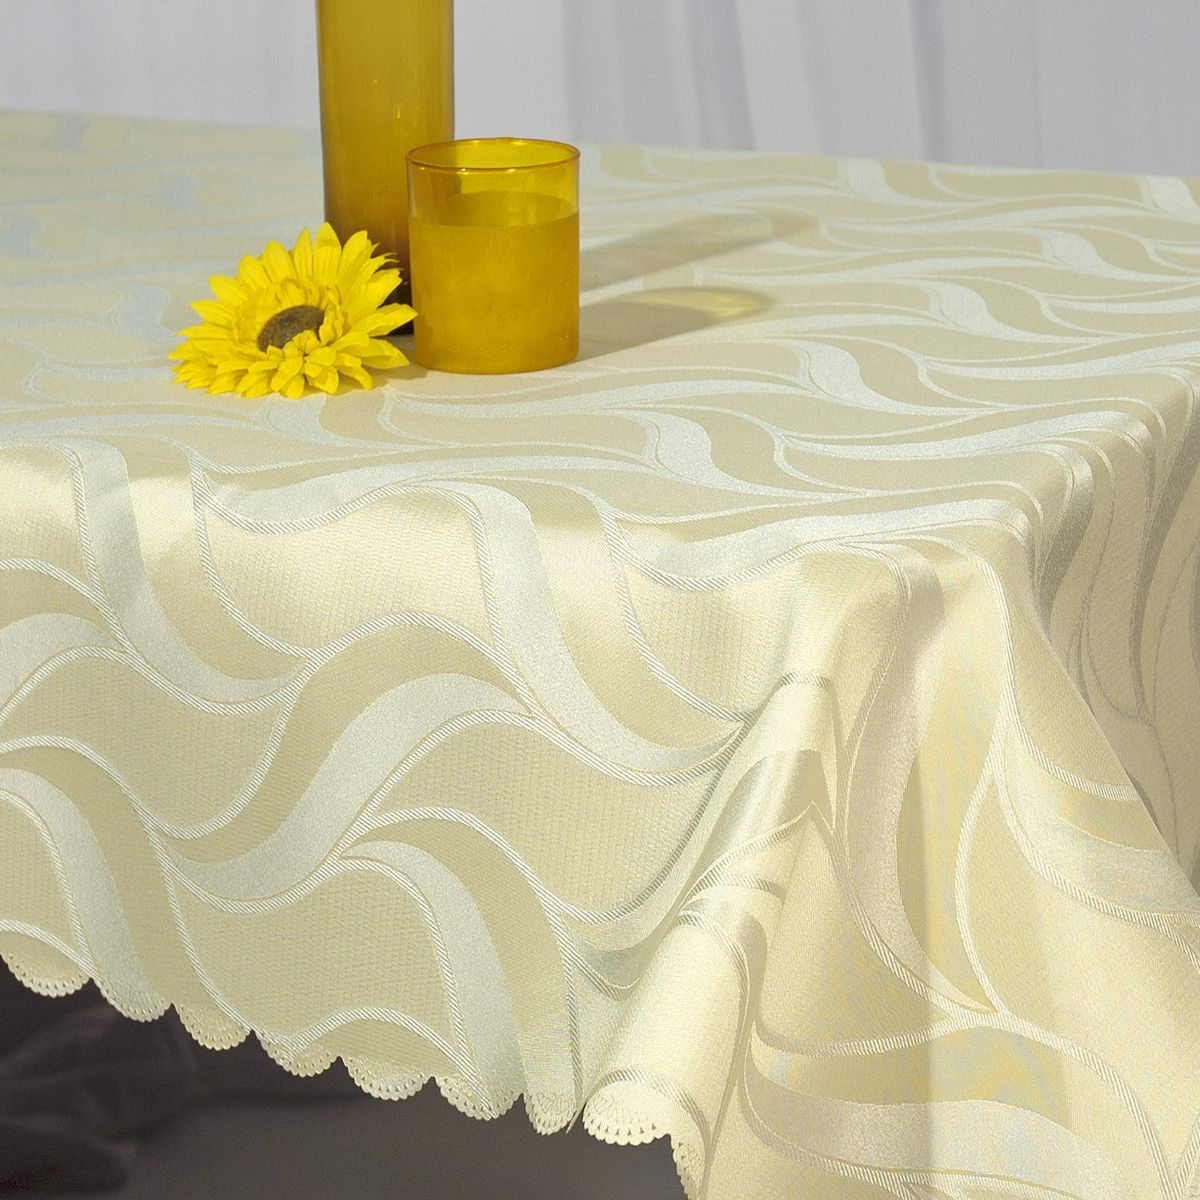 Скатерть Schaefer, прямоугольная, цвет: молочный, 130 x 160 см. 07355-42707355-427Стильная скатерть Schaefer выполнена из полиэстера.Изделия из полиэстера легко стирать: они не мнутся, не садятся и быстро сохнут, они более долговечны, чем изделия из натуральных волокон.Немецкая компания Schaefer создана в 1921 году. На протяжении всего времени существования она создает уникальные коллекции домашнего текстиля для гостиных, спален, кухонь и ванных комнат. Дизайнерские идеи немецких художников компании Schaefer воплощаются в текстильных изделиях, которые сделают ваш дом красивее и уютнее и не останутся незамеченными вашими гостями. Дарите себе и близким красоту каждый день!